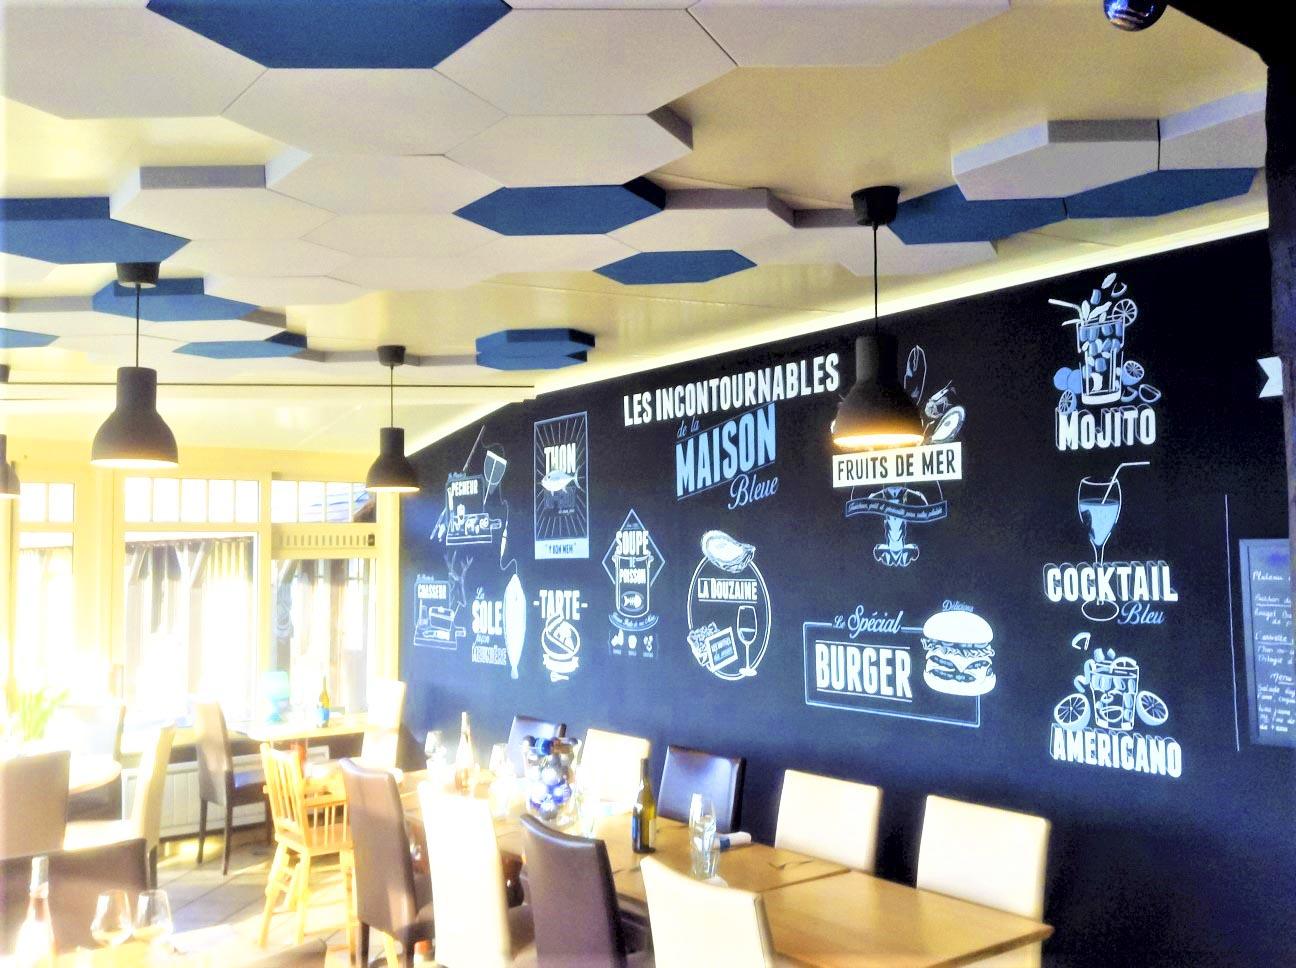 Panneaux acoustiques - Panneaux Ambiance design color posé au plafond par collage en forme d'hexagones